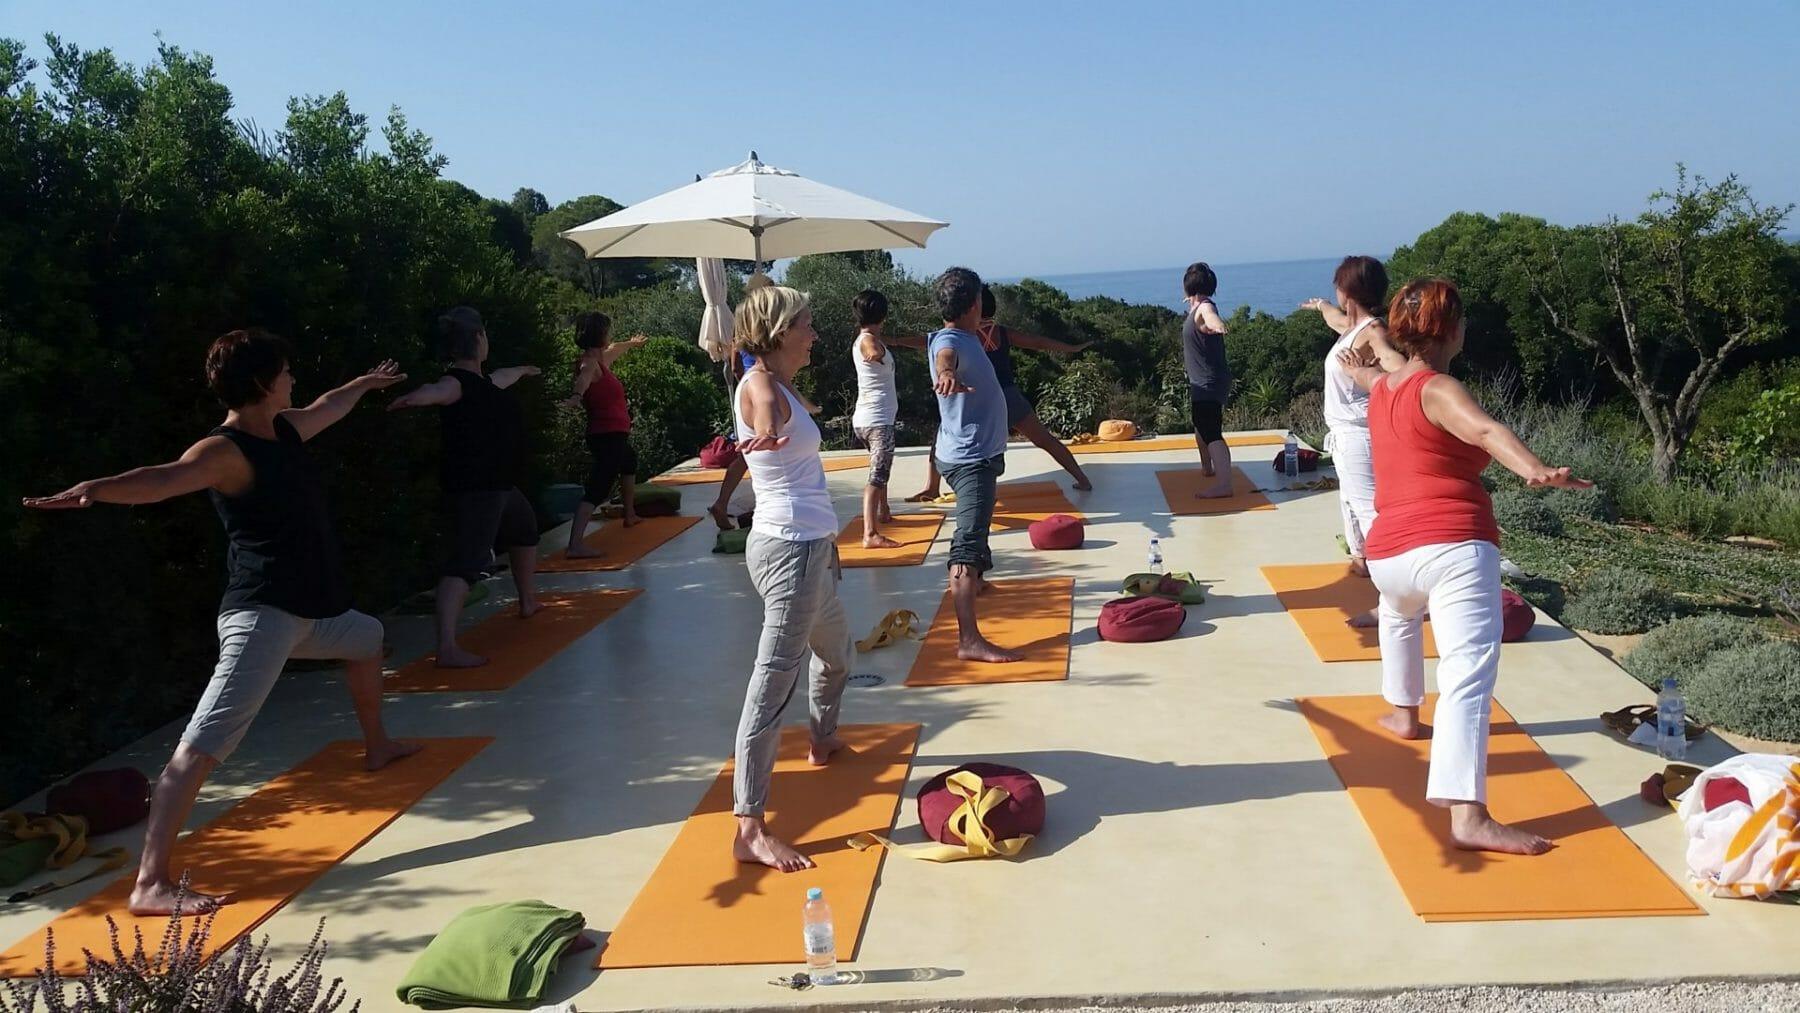 Yoga Retreat - Gruppe auf Yogaplattform im Sommer mit Blick aufs Meer